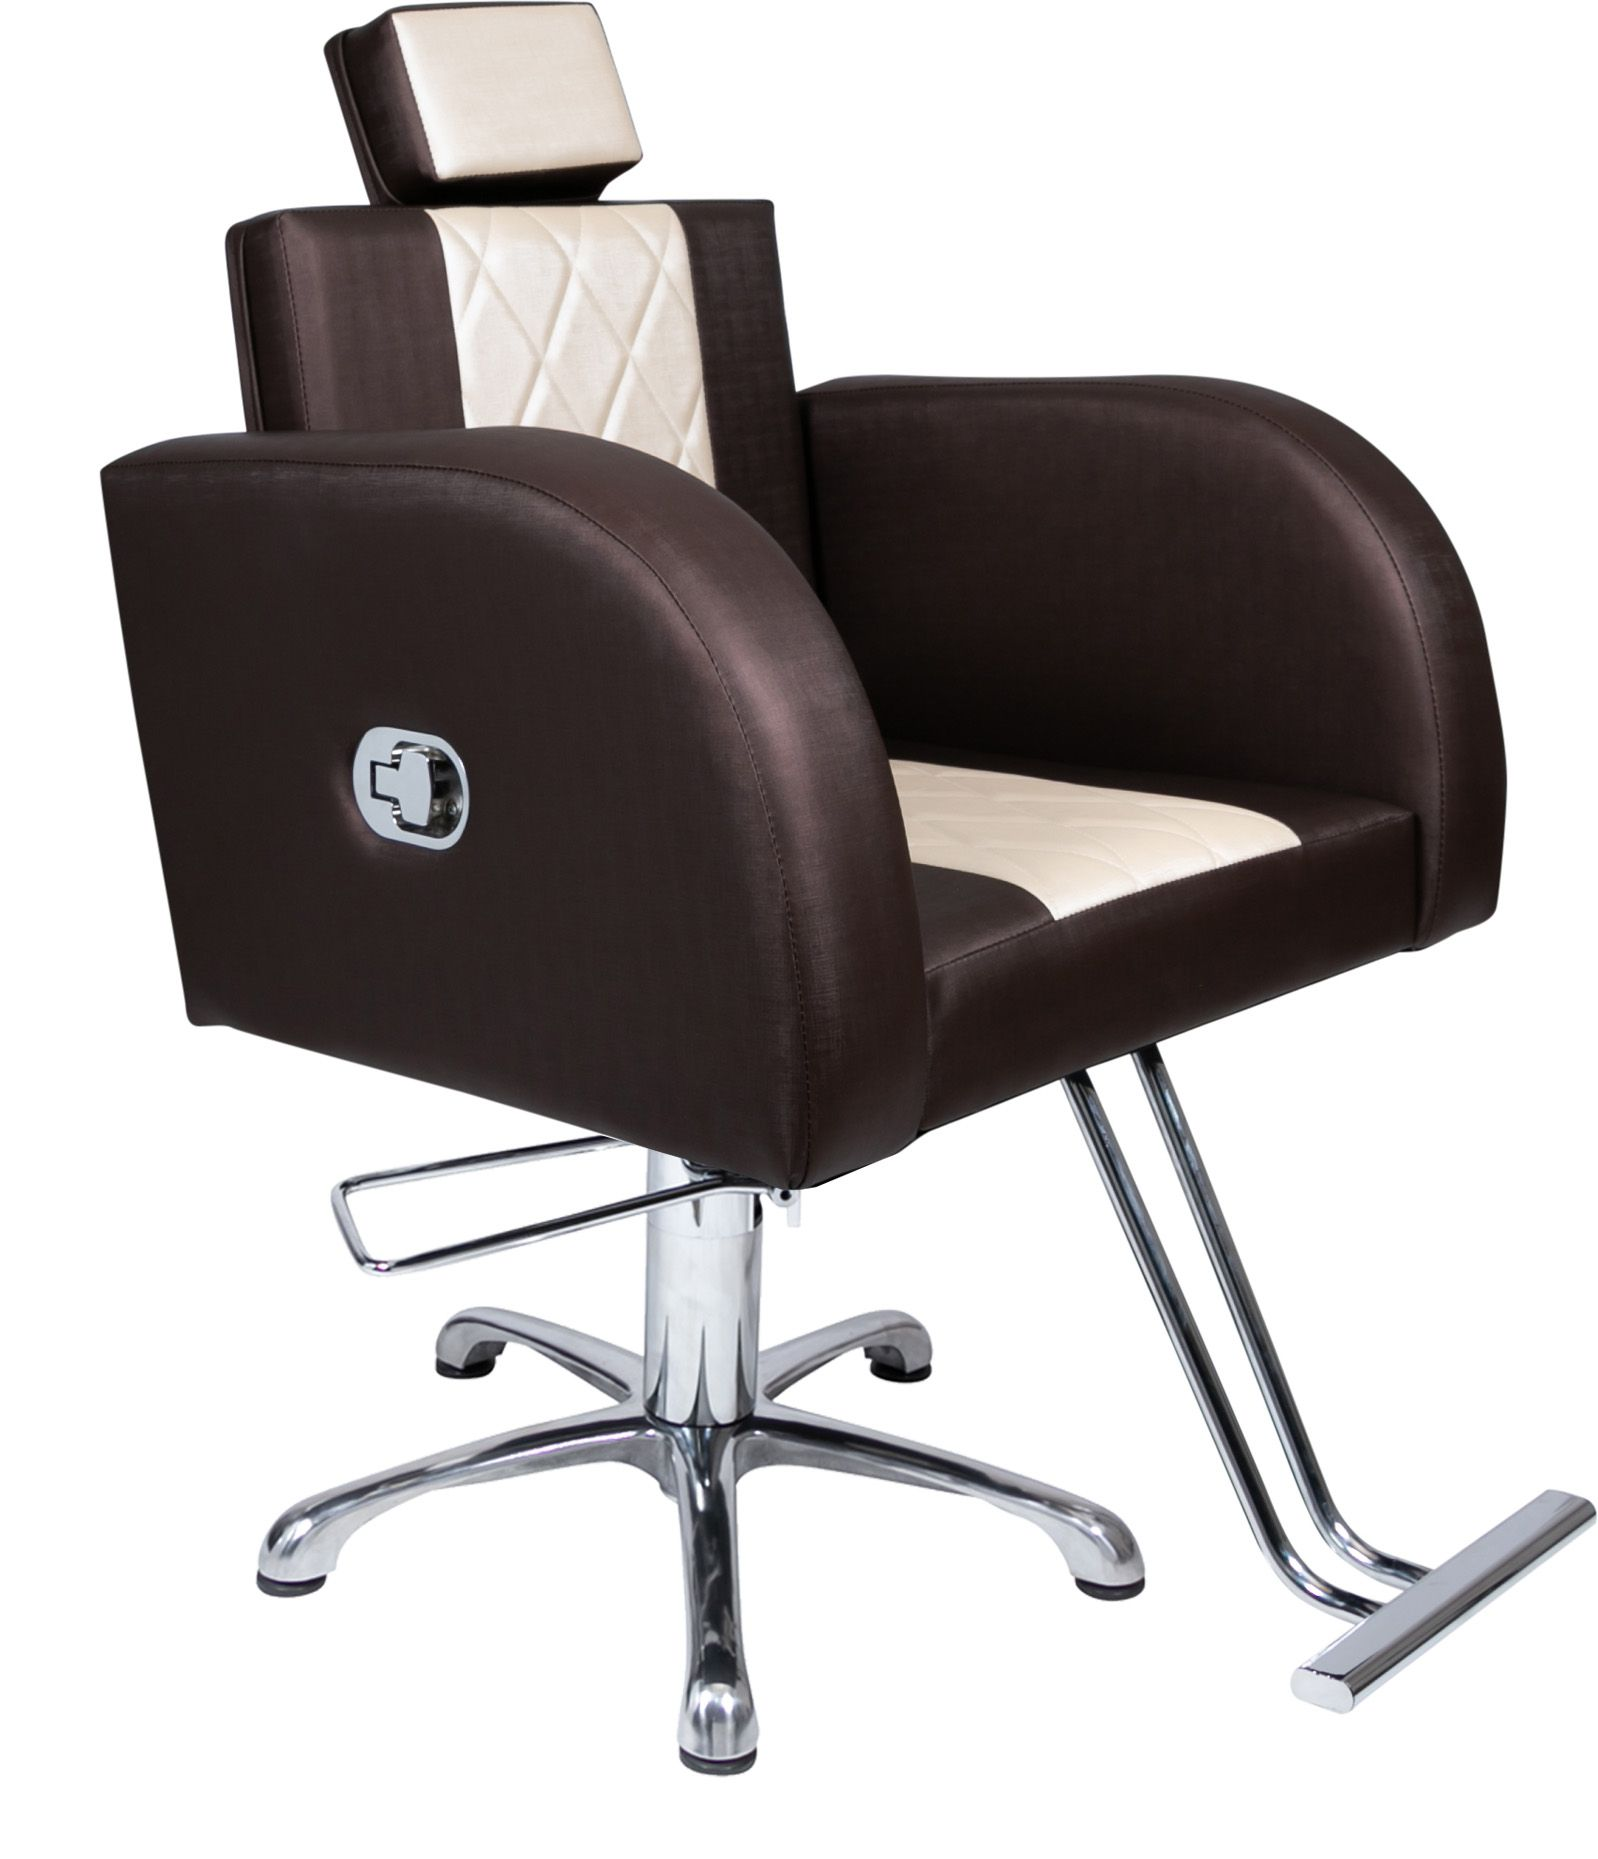 Lavatório Stilo Fibra Pto Bege/Marrom + 2 Cadeiras Stilo Recl.